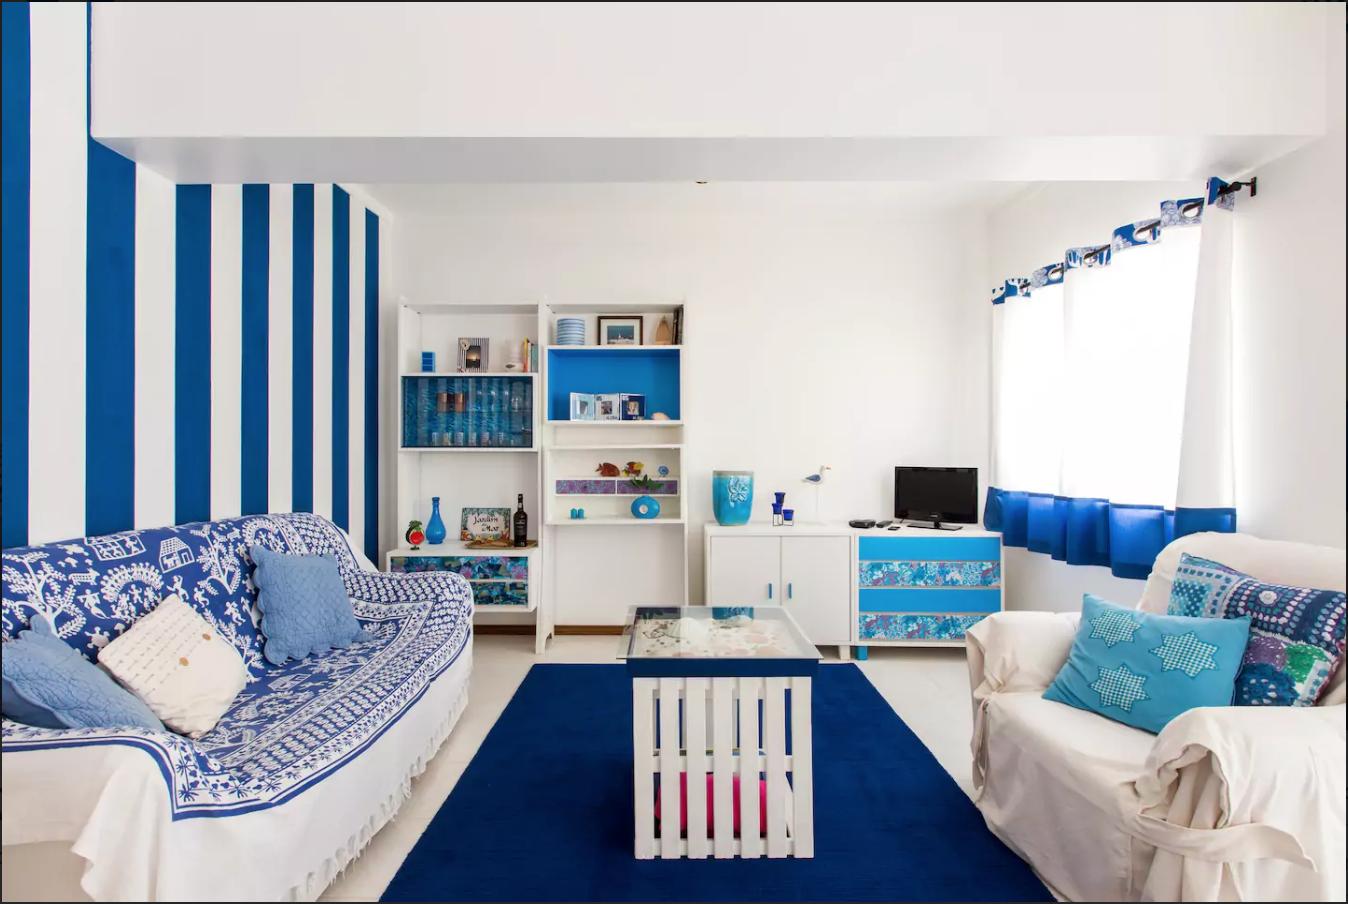 location-airbnb-peniche-portugal-1